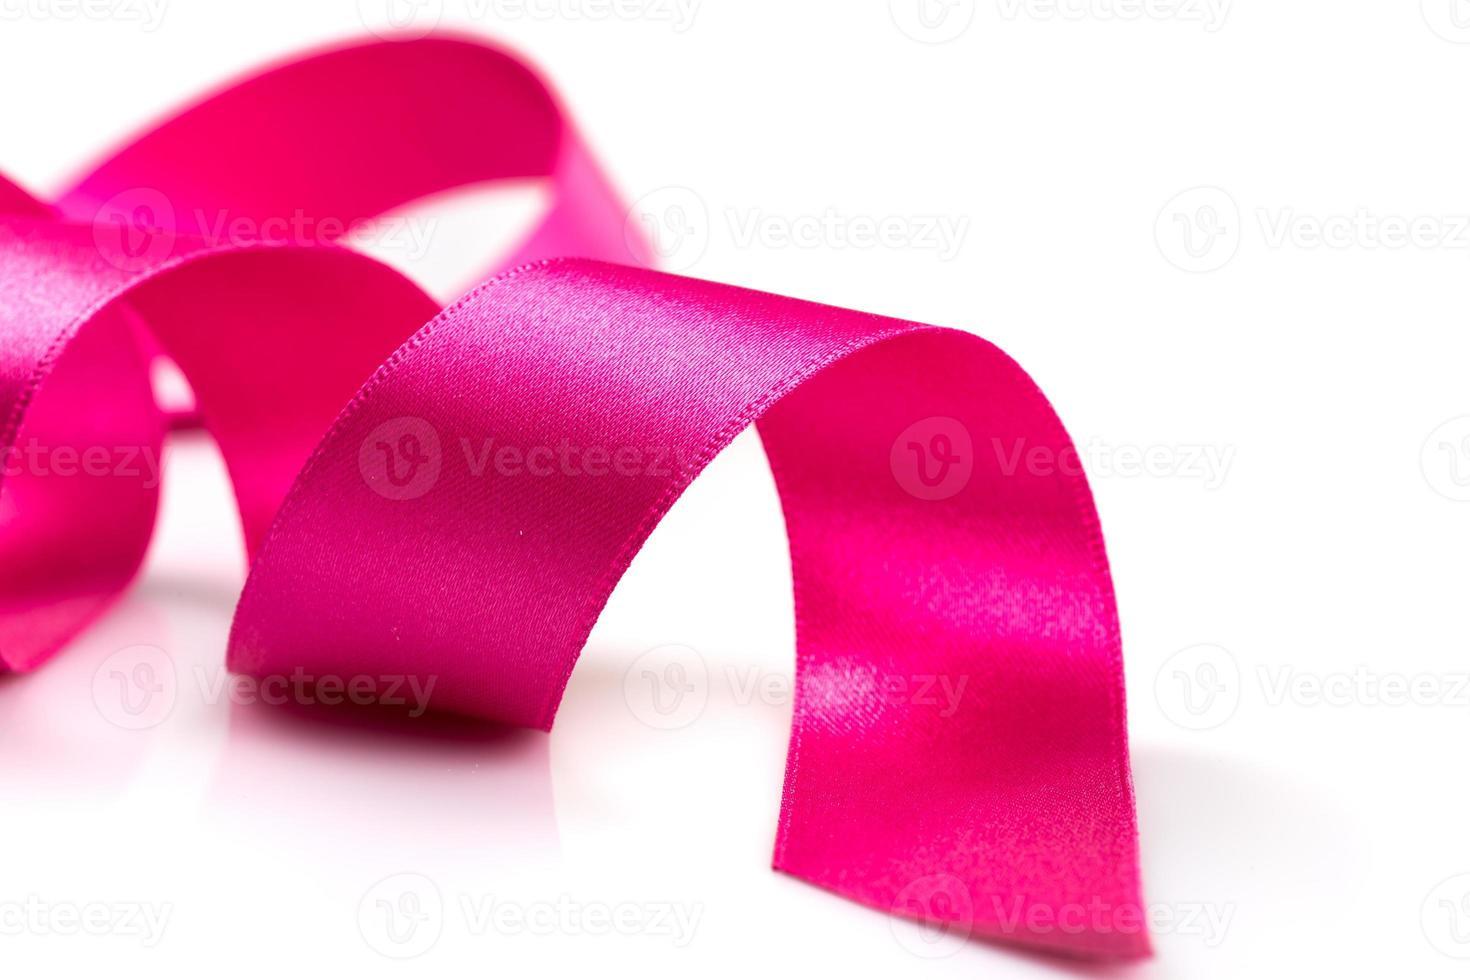 nastro rosa del cancro al seno isolato foto